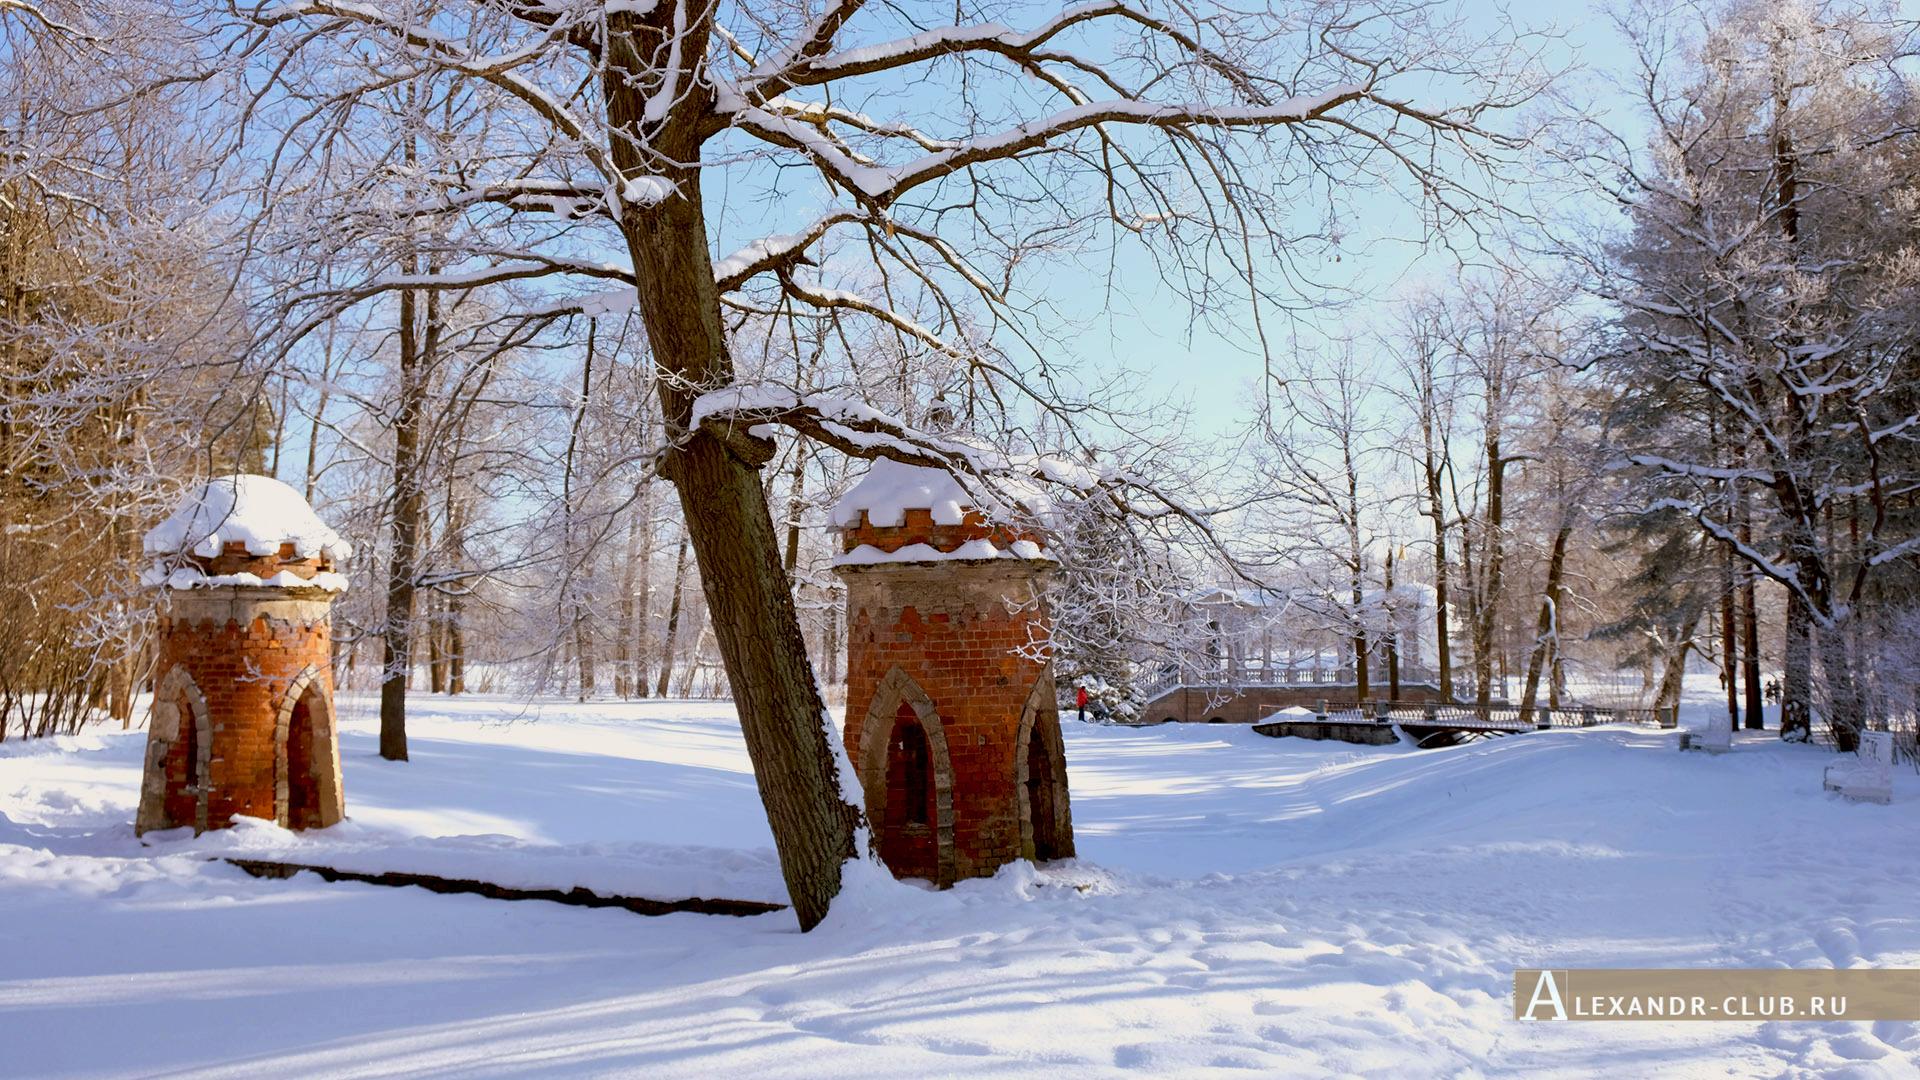 Царское Село, зима, Екатерининский парк, «Красный каскад» – 2